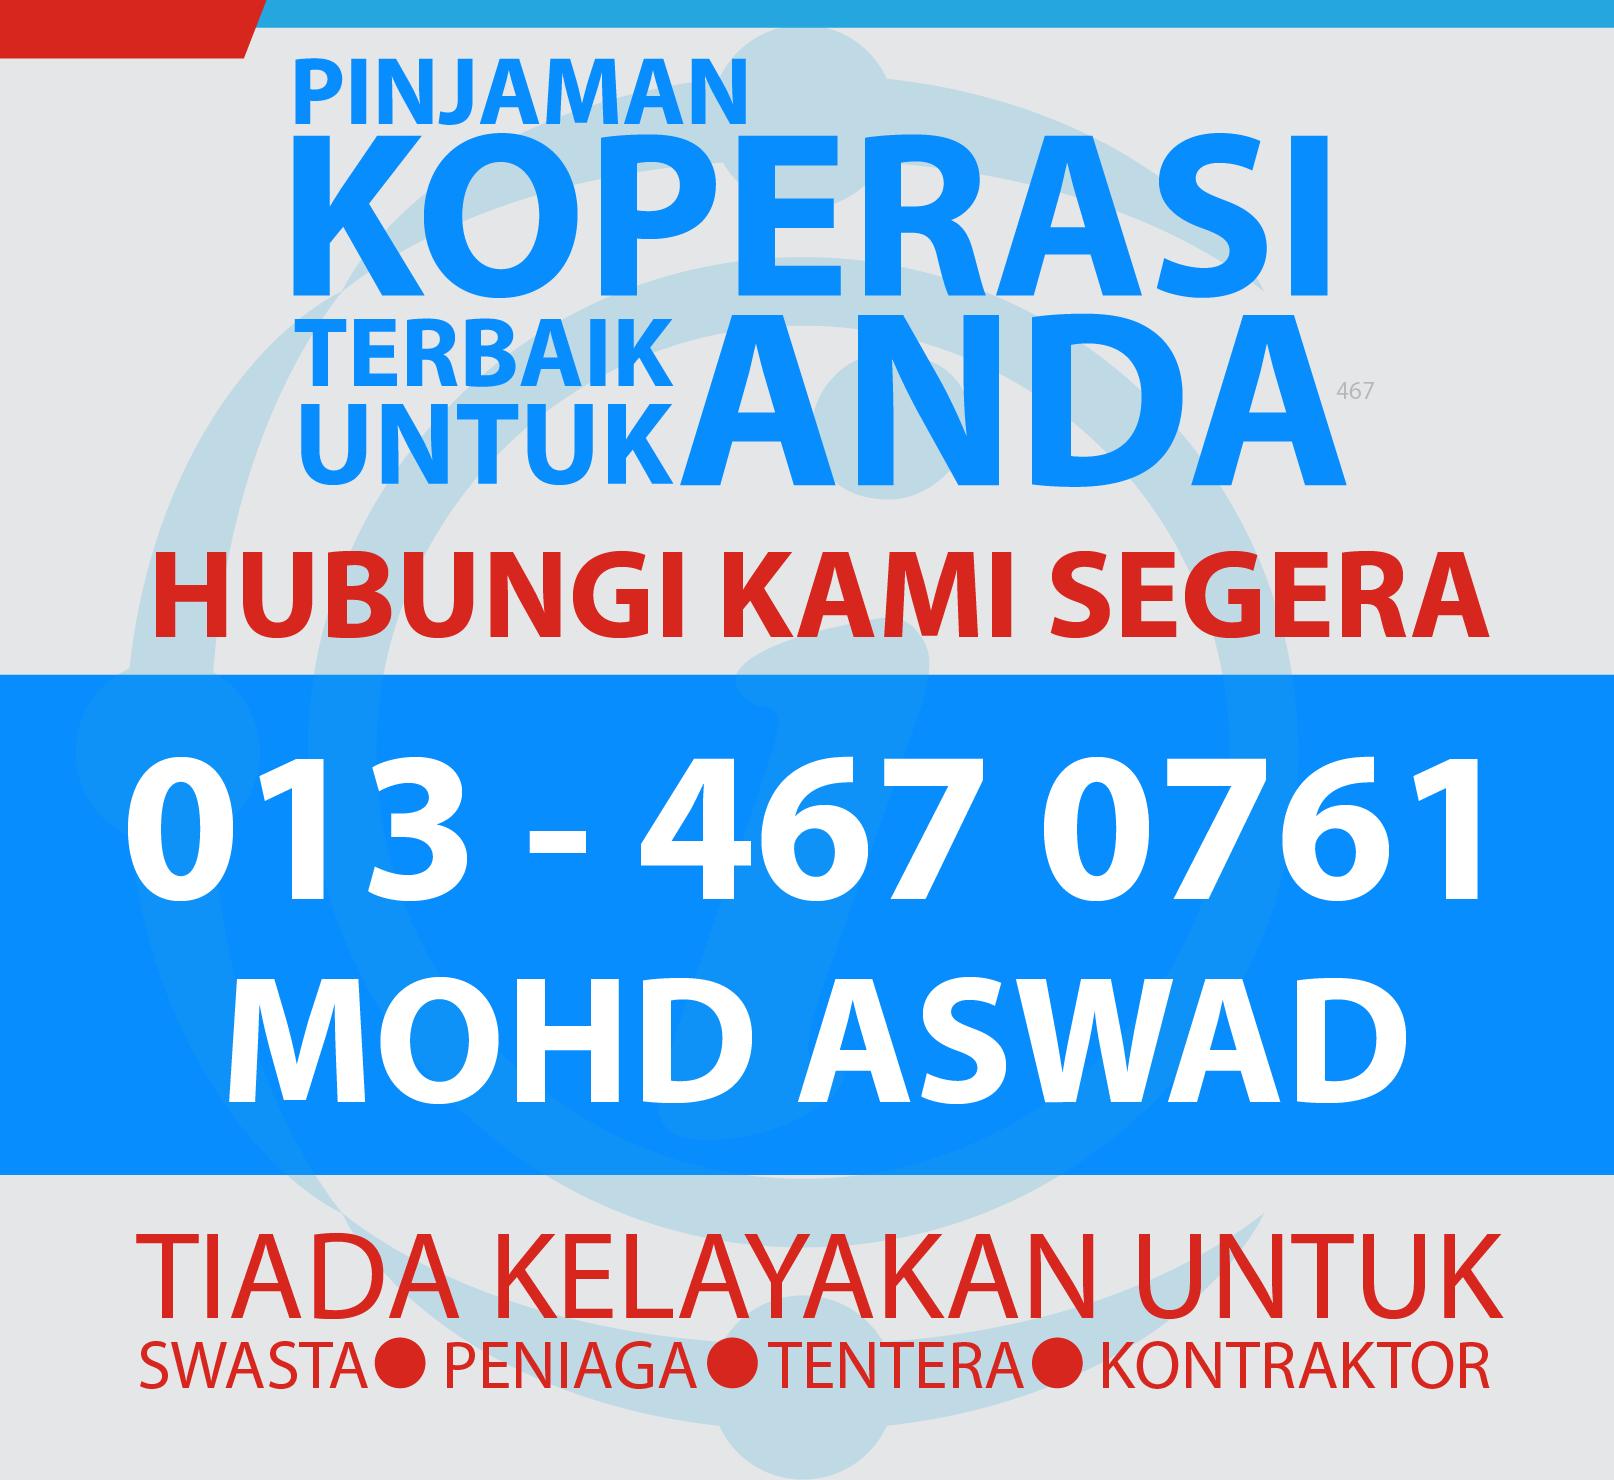 hubungi perunding pinjaman koperasi malaysia